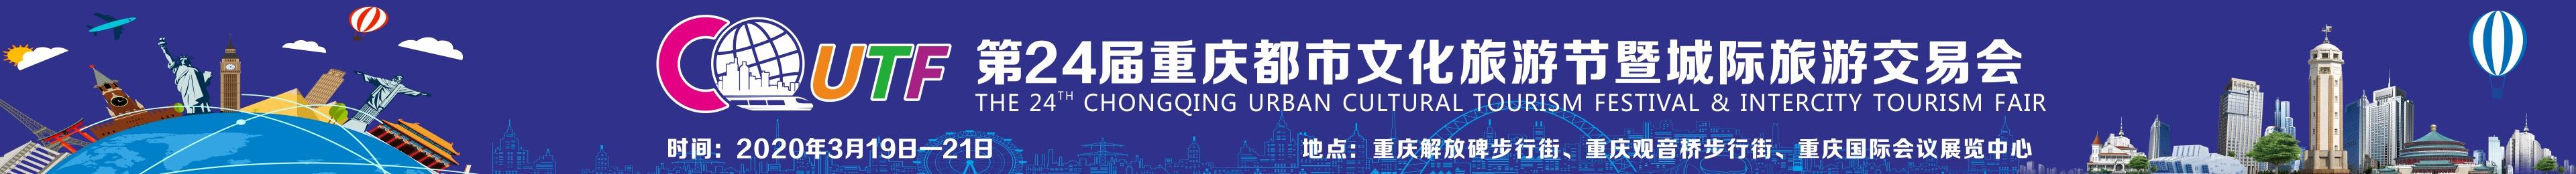 2020第24届重庆都市文化旅游节暨城际旅游交易会